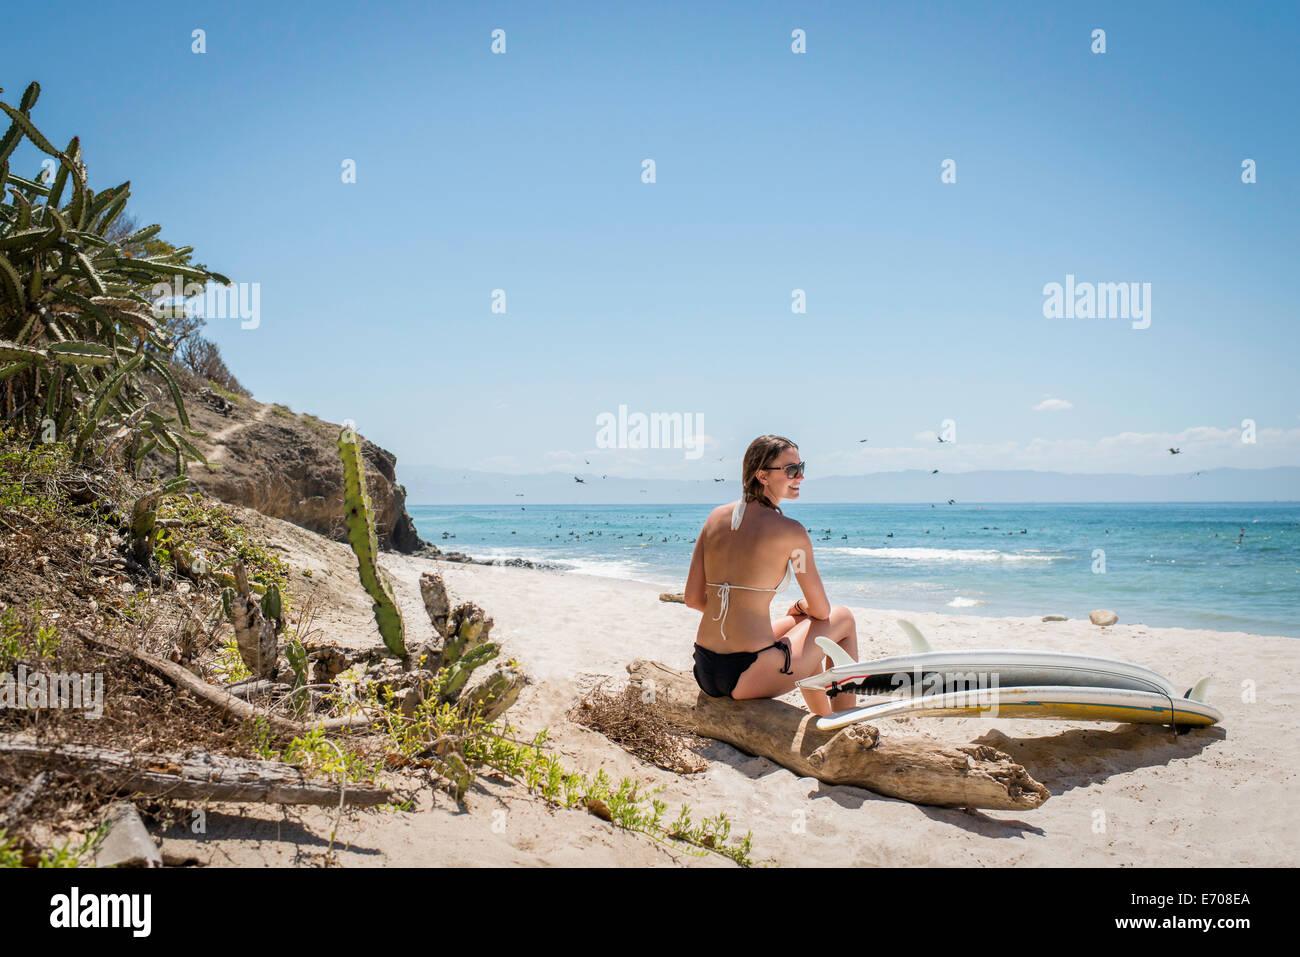 Mujer joven sentado en Driftwood en la playa, tablas de surf por su lado Imagen De Stock